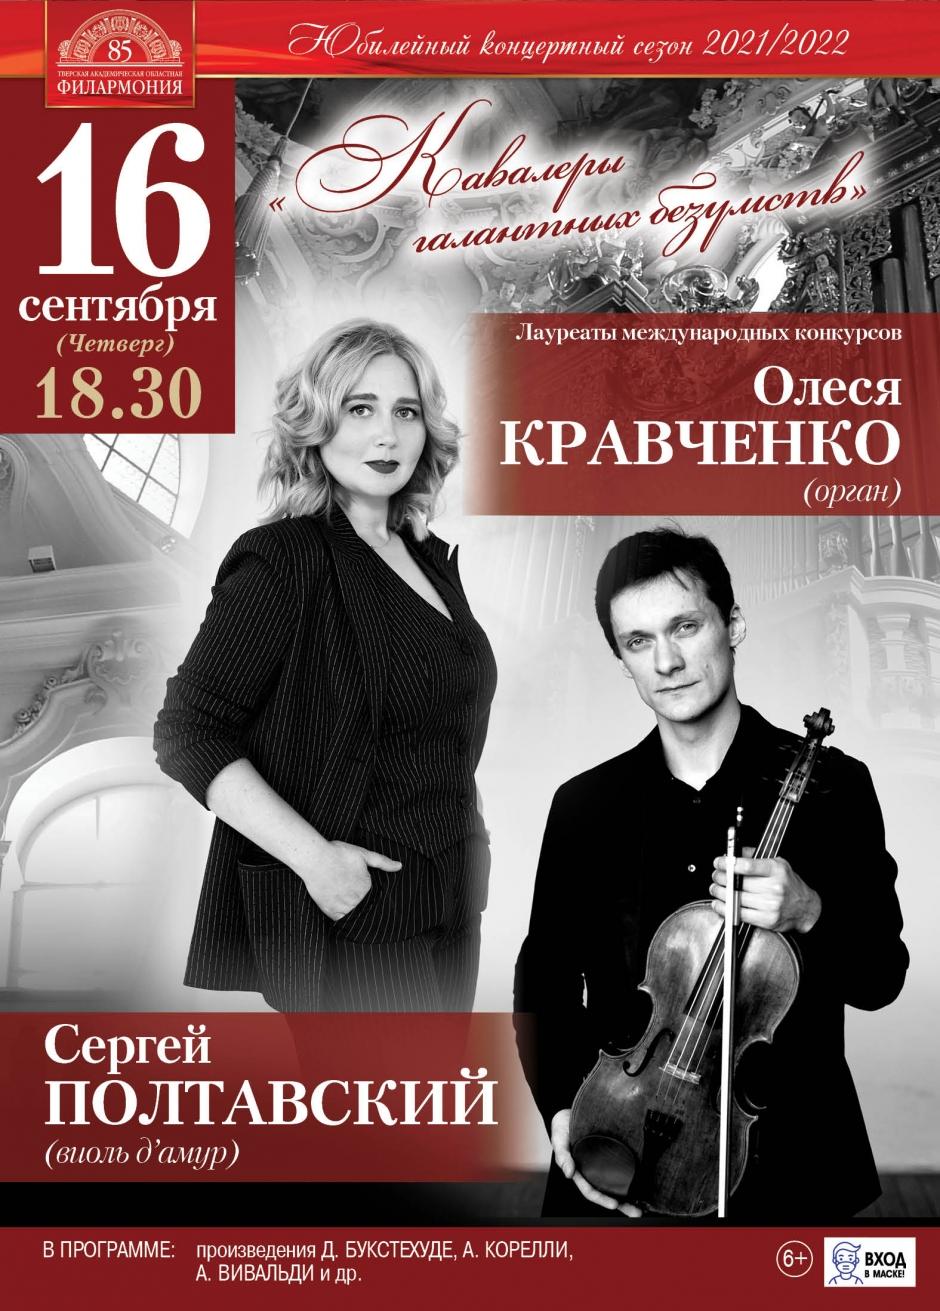 В Тверской филармонии выступят Олеся Кравченко и Сергей Полтавский